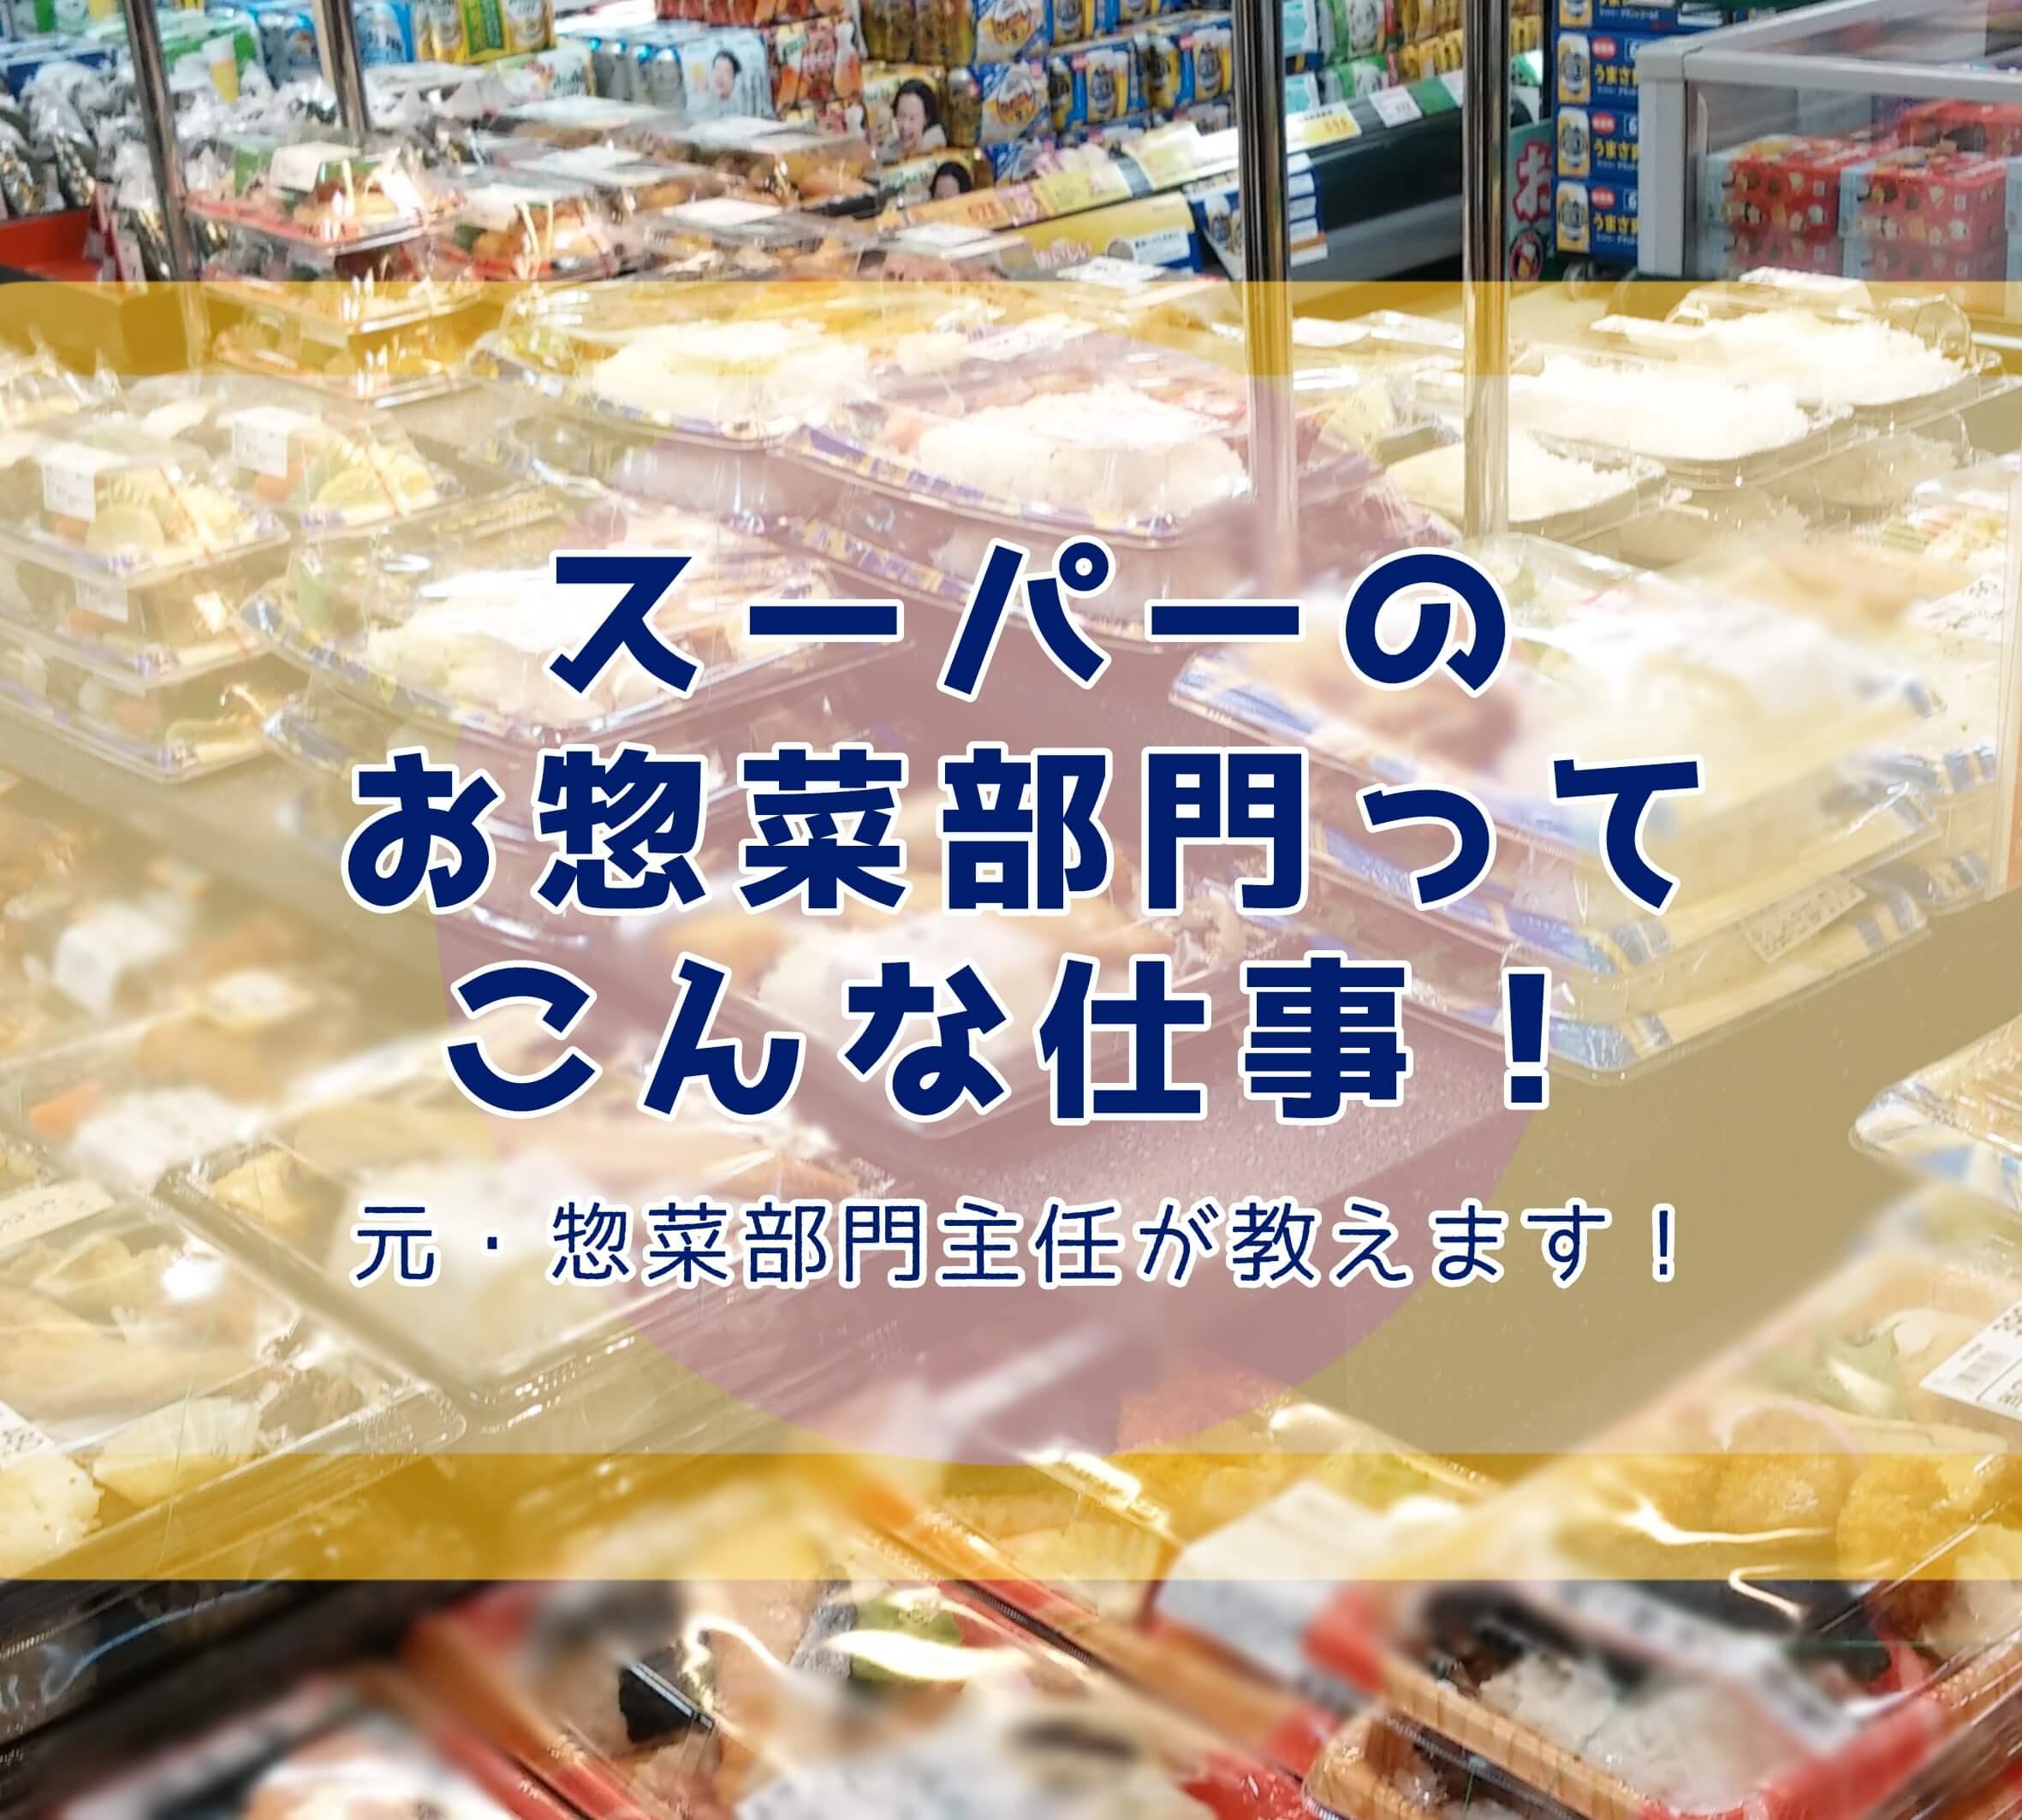 スーパーのお惣菜アイキャッチ